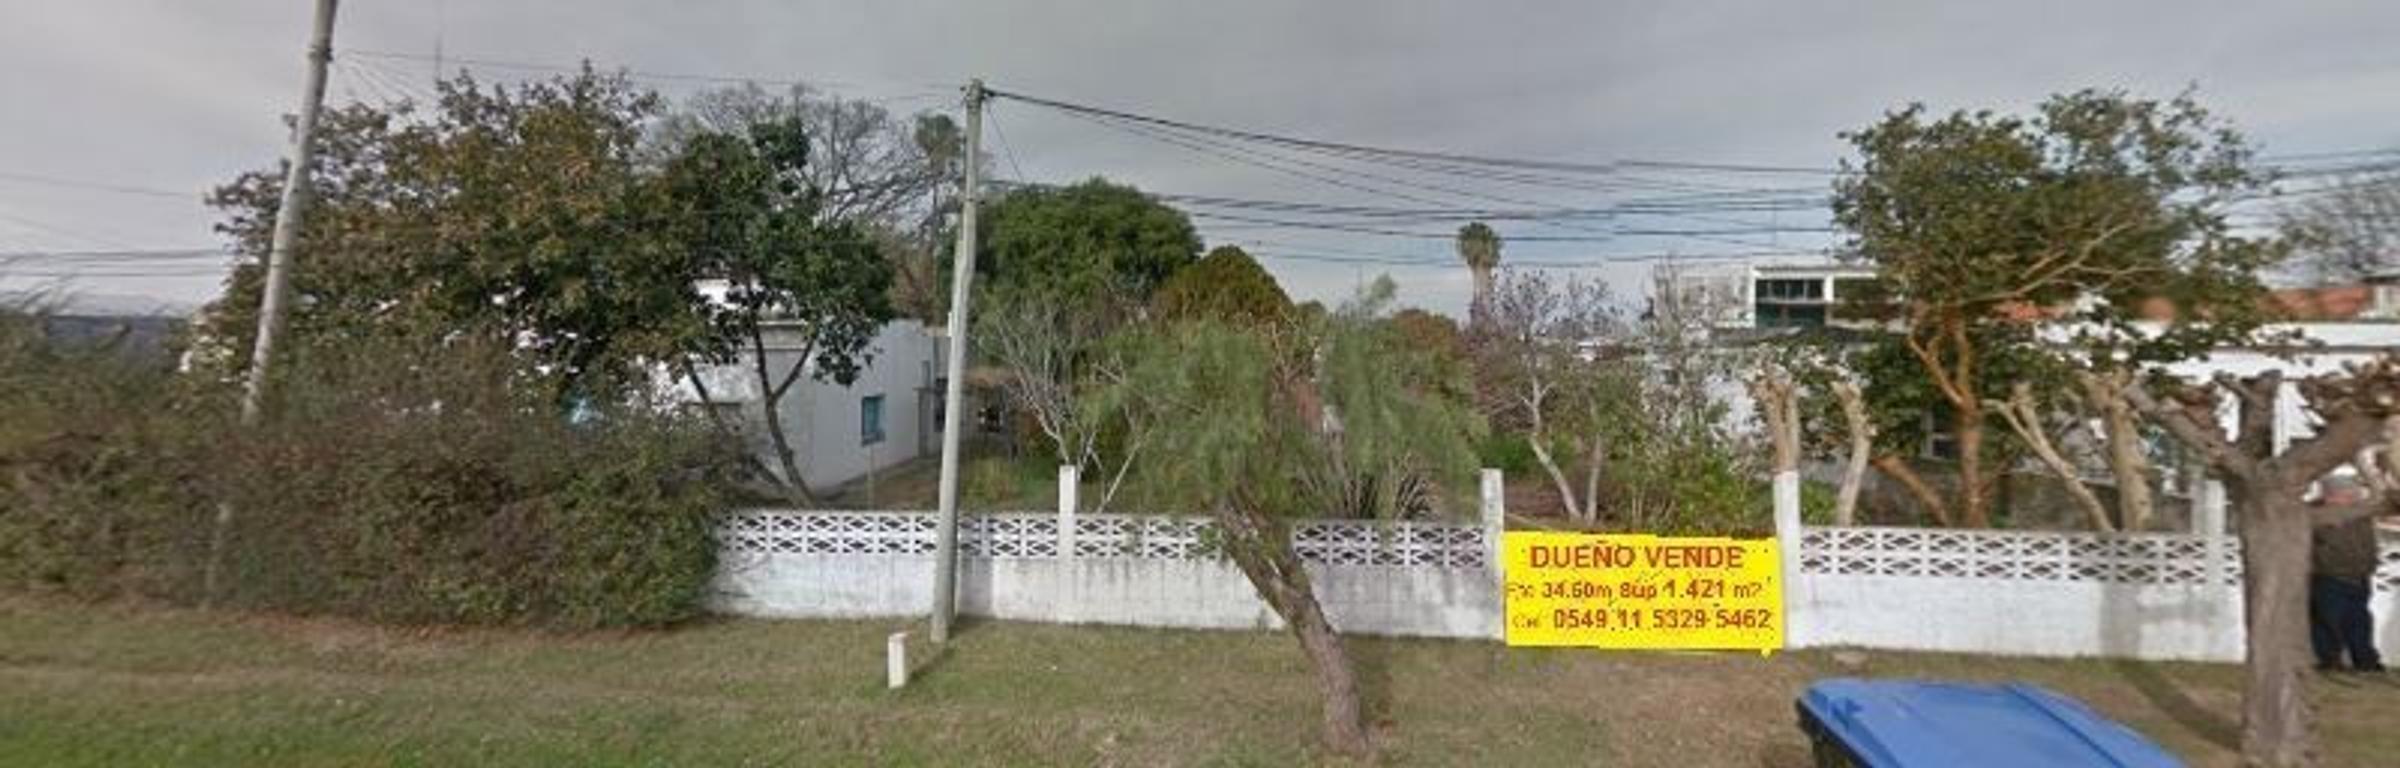 DUEÑO VENDE TERRENO 1.420 m2 Dr. Luis Casanello 800. Vecino a Playa Ferrando y Casco Histórico